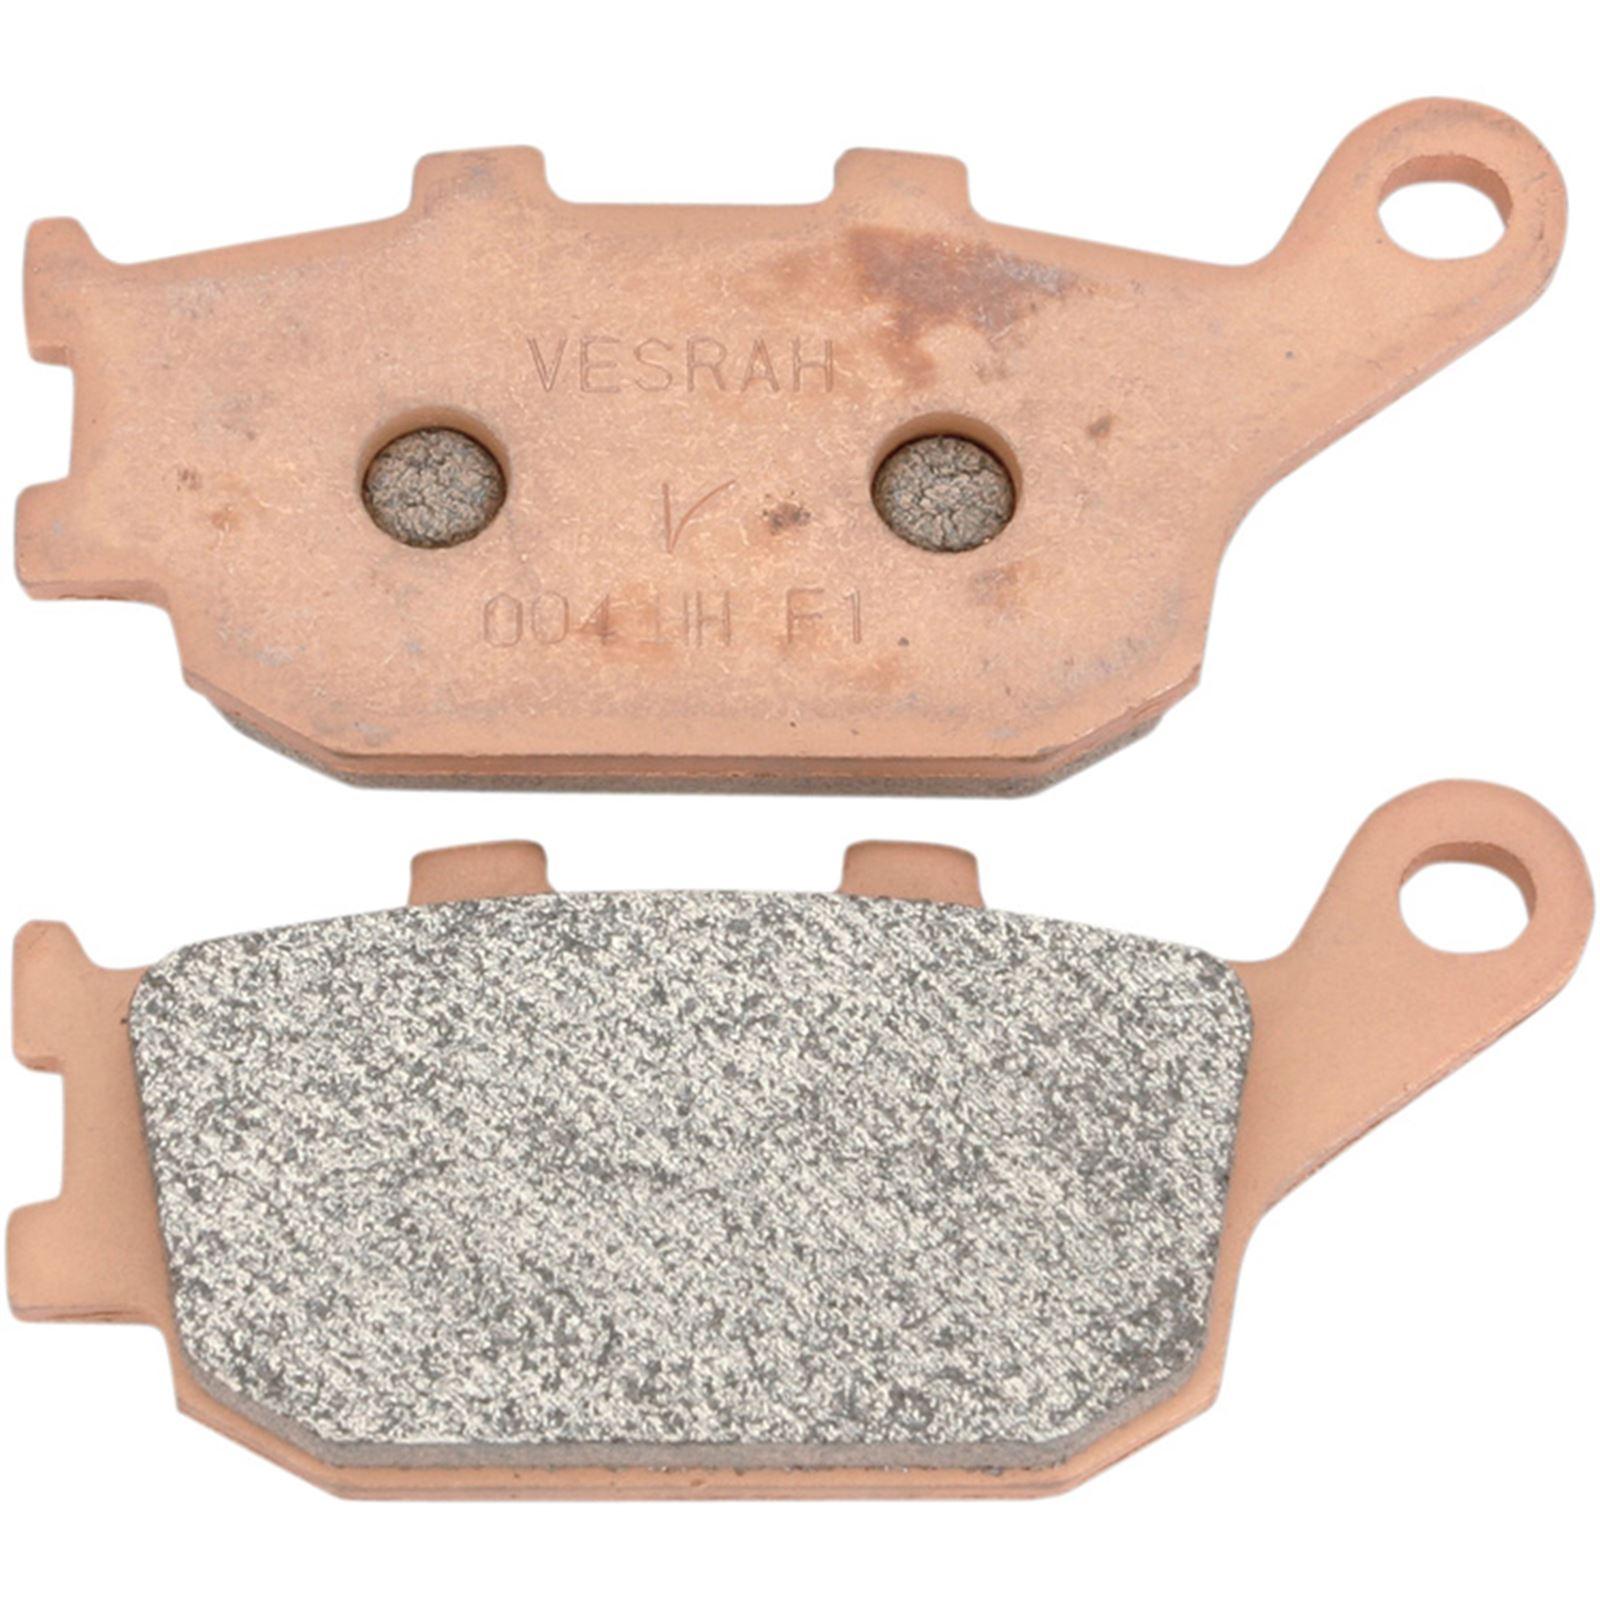 Vesrah JL Sintered Metal Brake Pads - VD-163JL